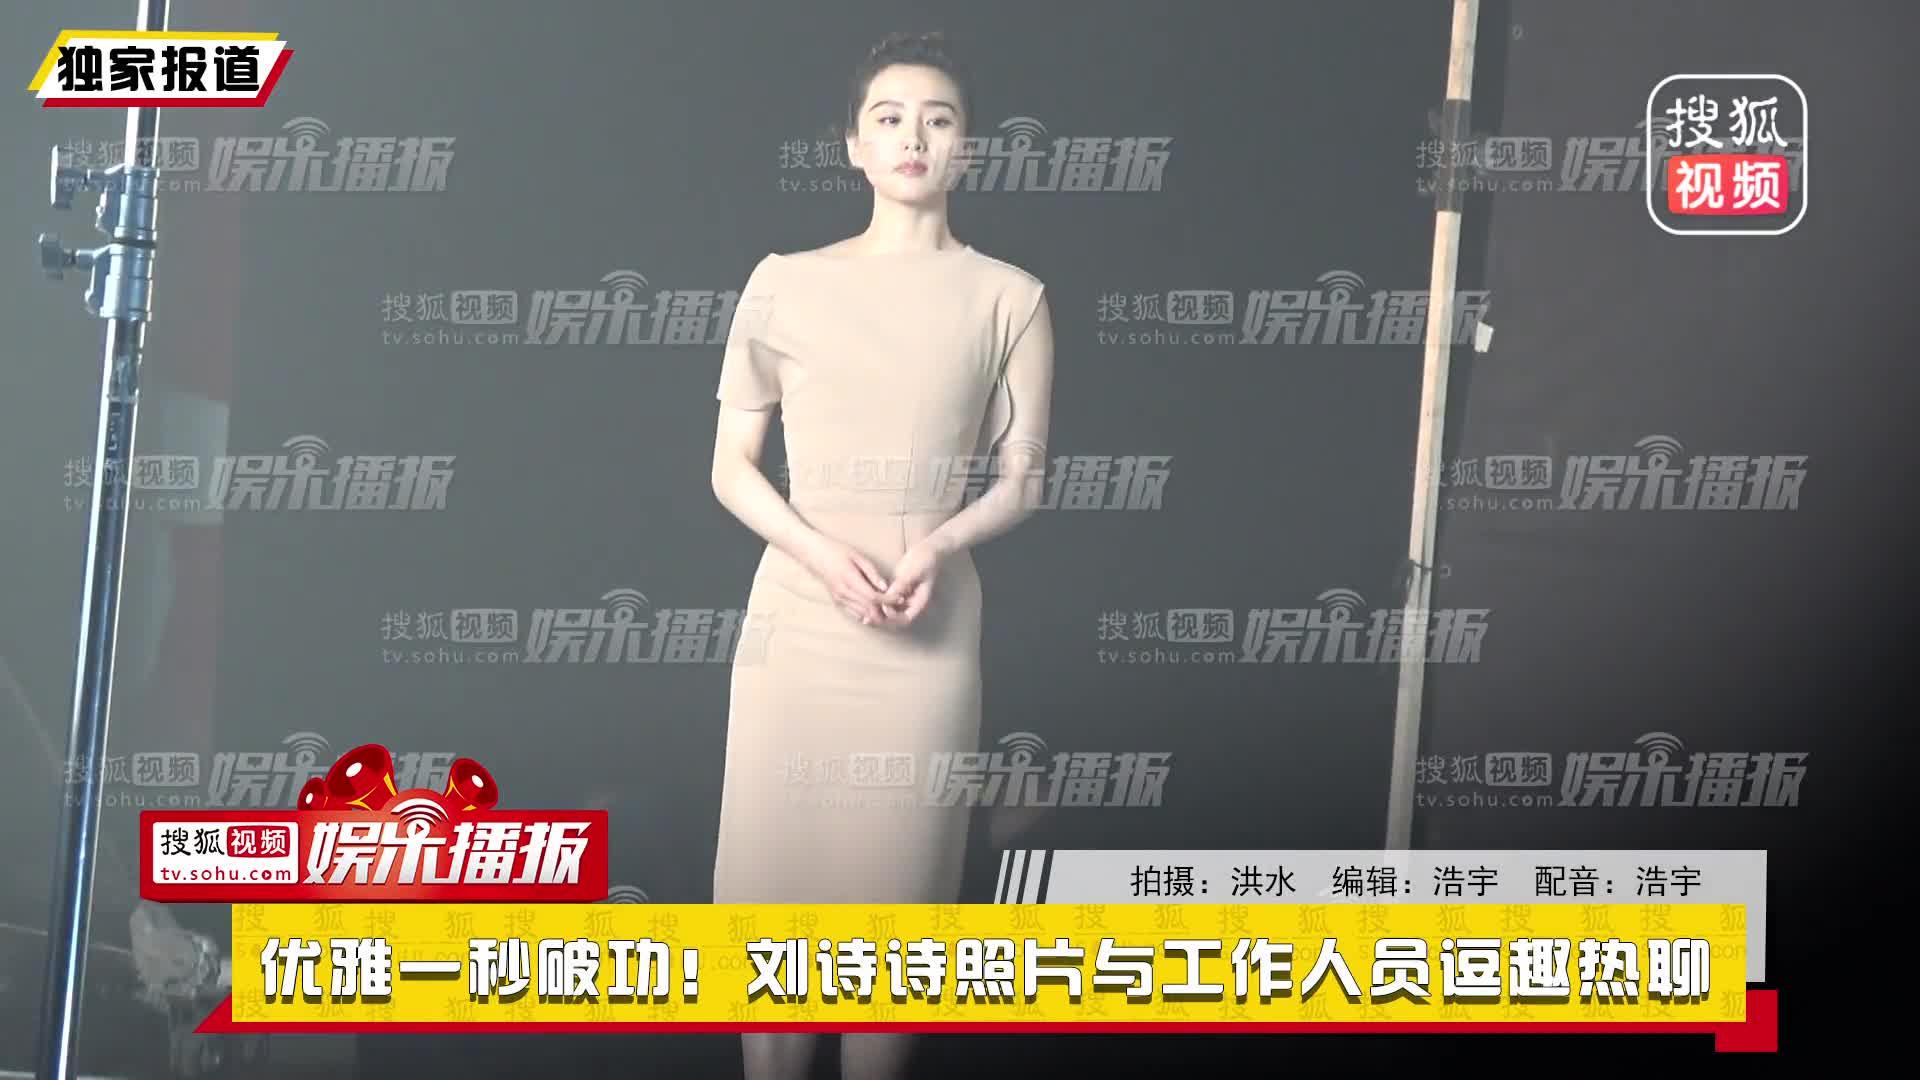 [视频]优雅一秒破功!刘诗诗照片与工作人员逗趣热聊